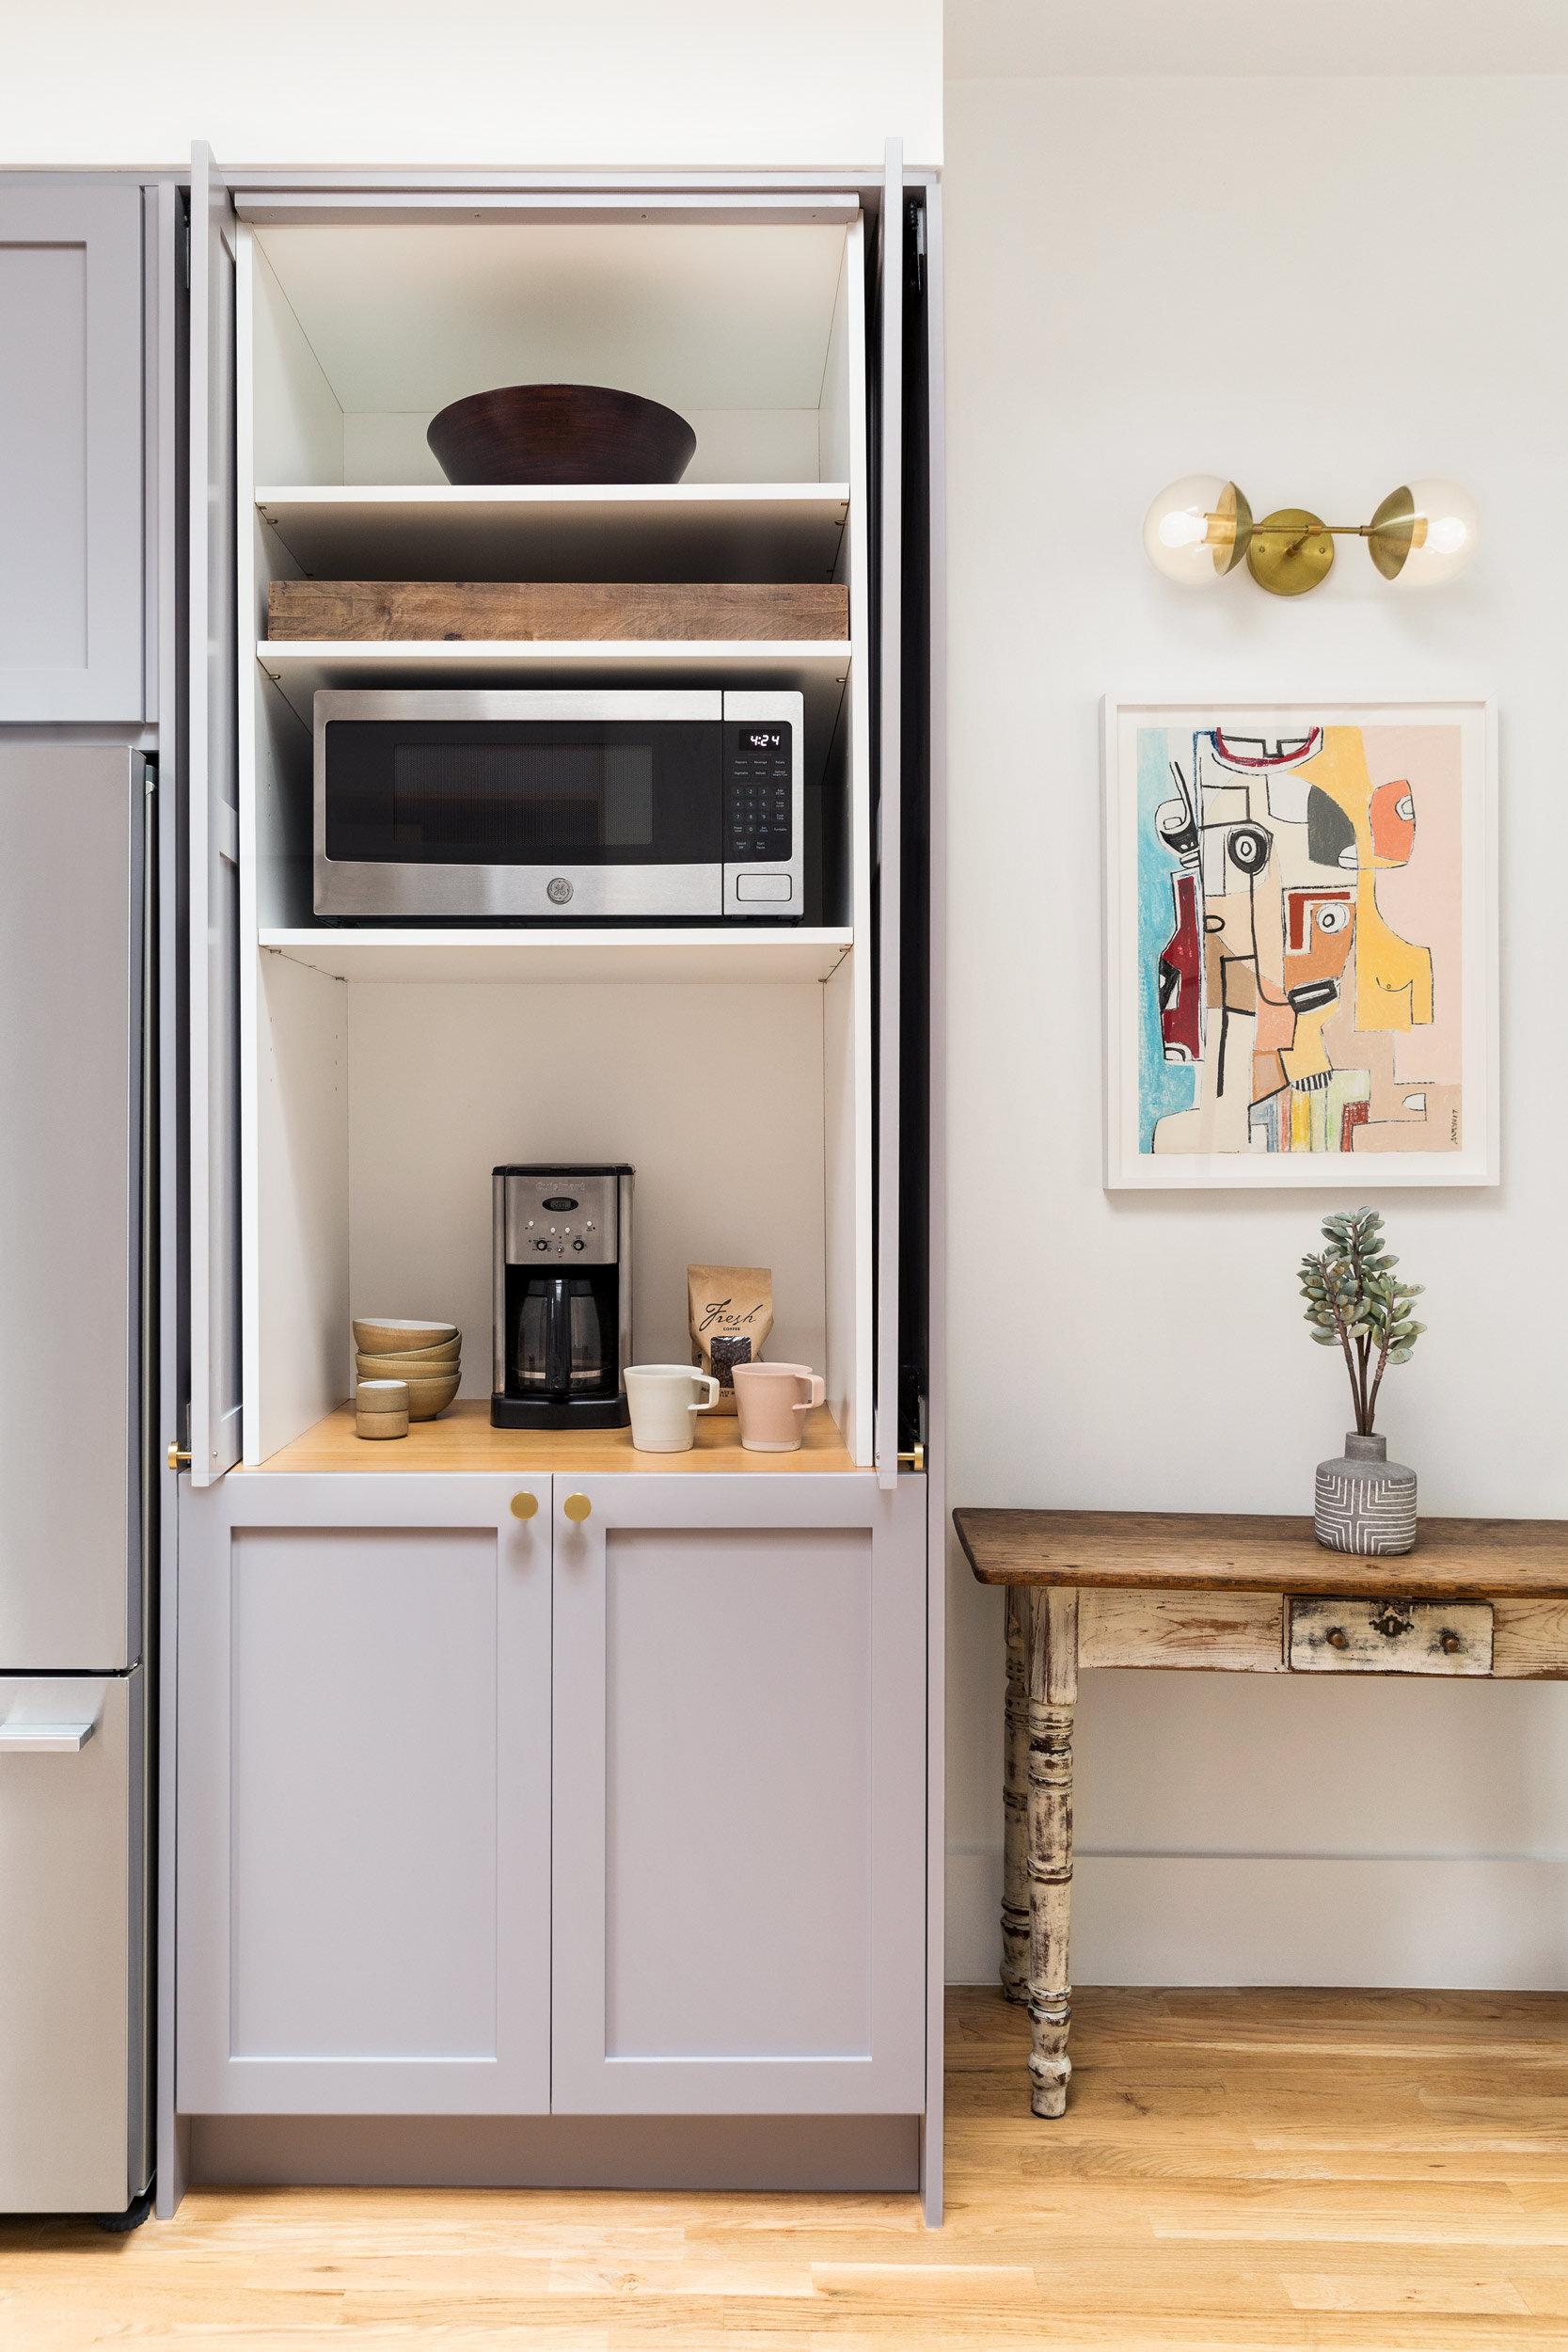 Ikea Kitchen Hacks Part 1 Pantry Doors